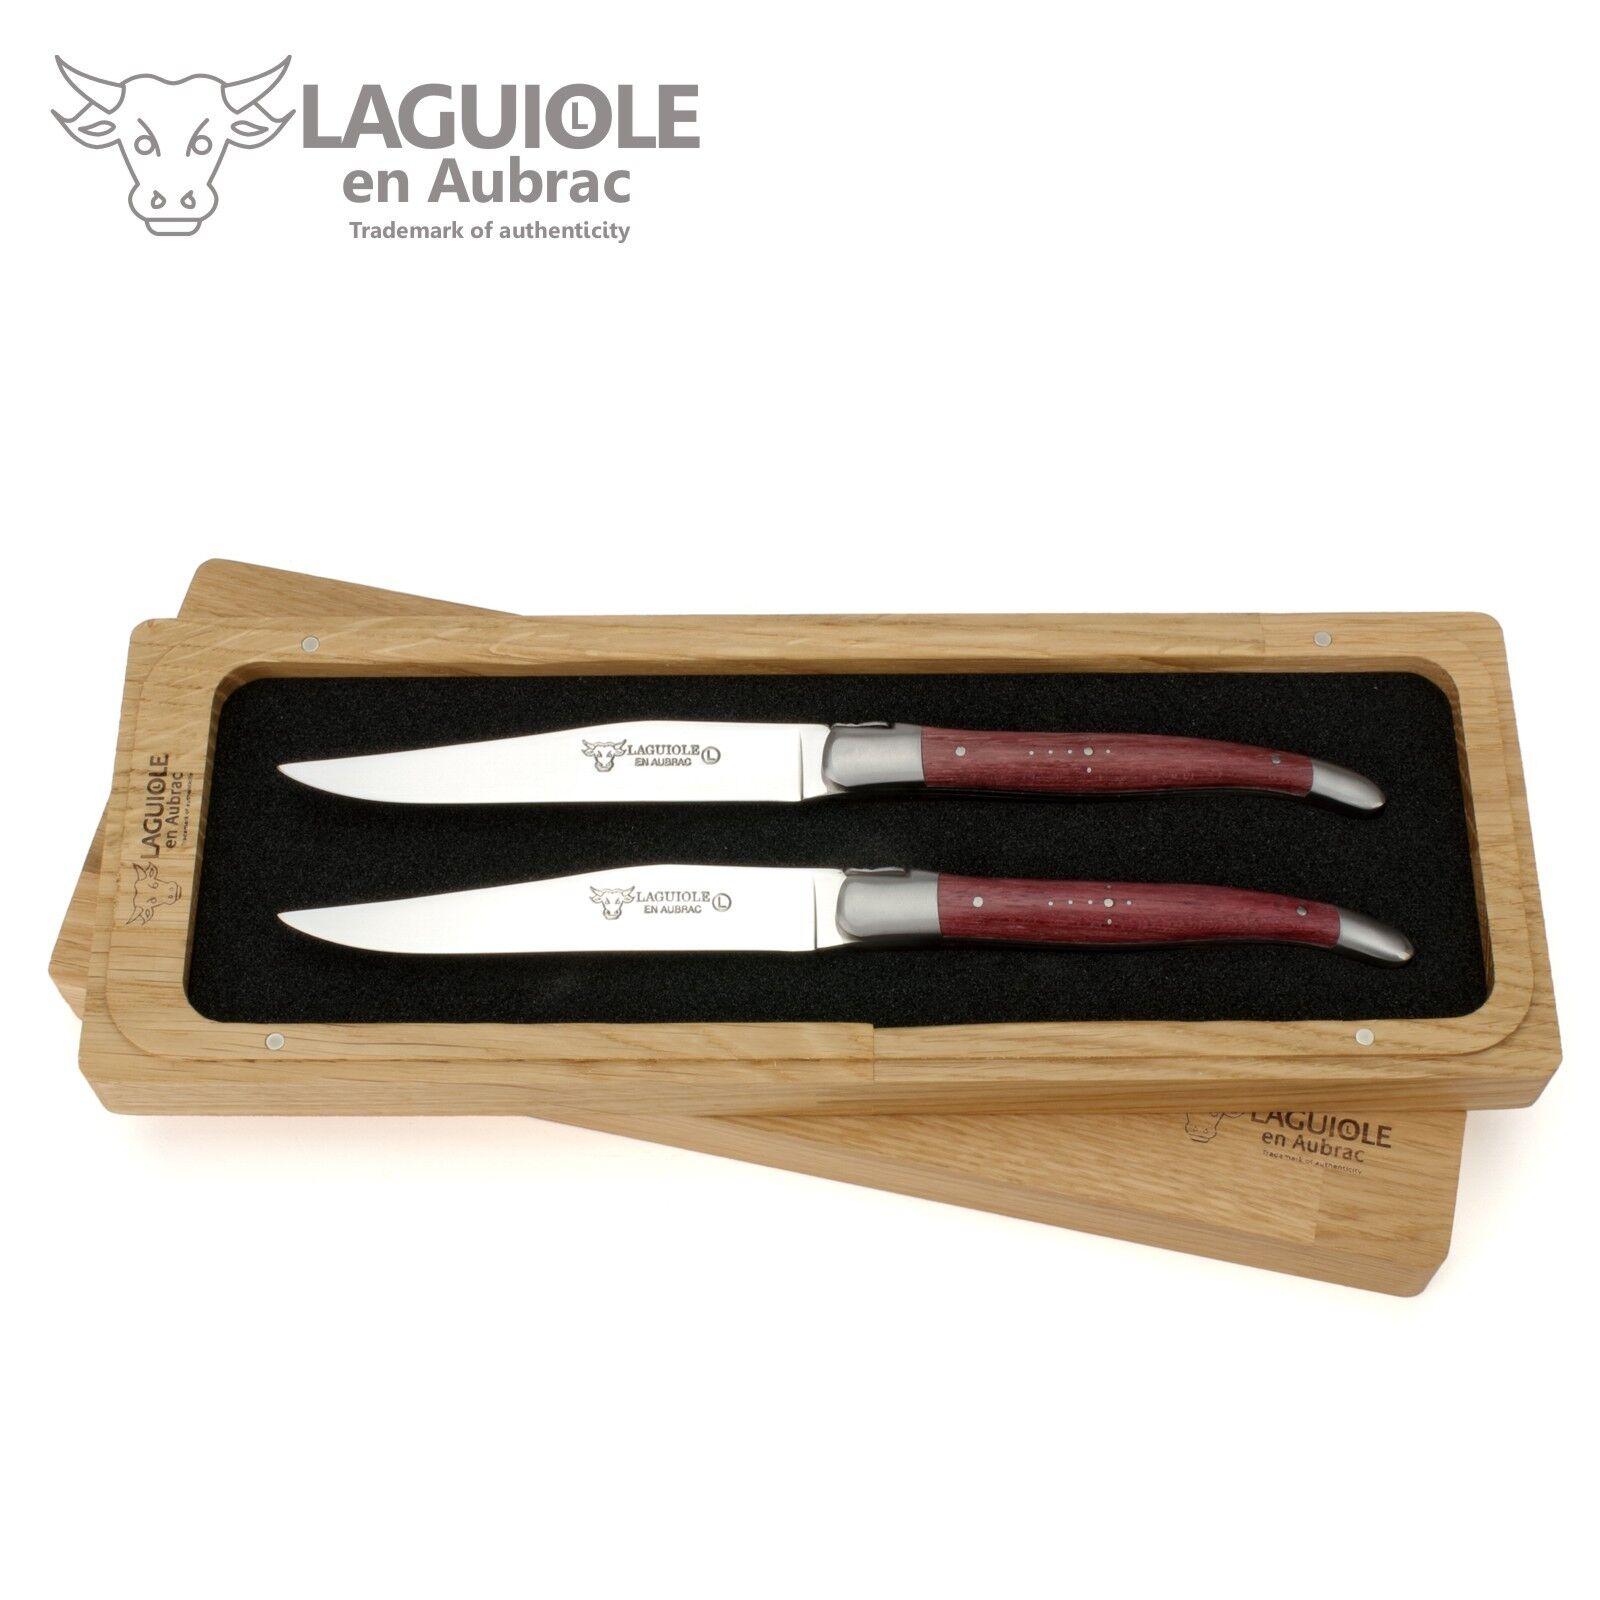 Laguiole en Aubrac - - - 2er Set Laguiole Steakmesser Frankreich - Griff Amaranth     | Gewinnen Sie das Lob der Kunden  3cbaa1